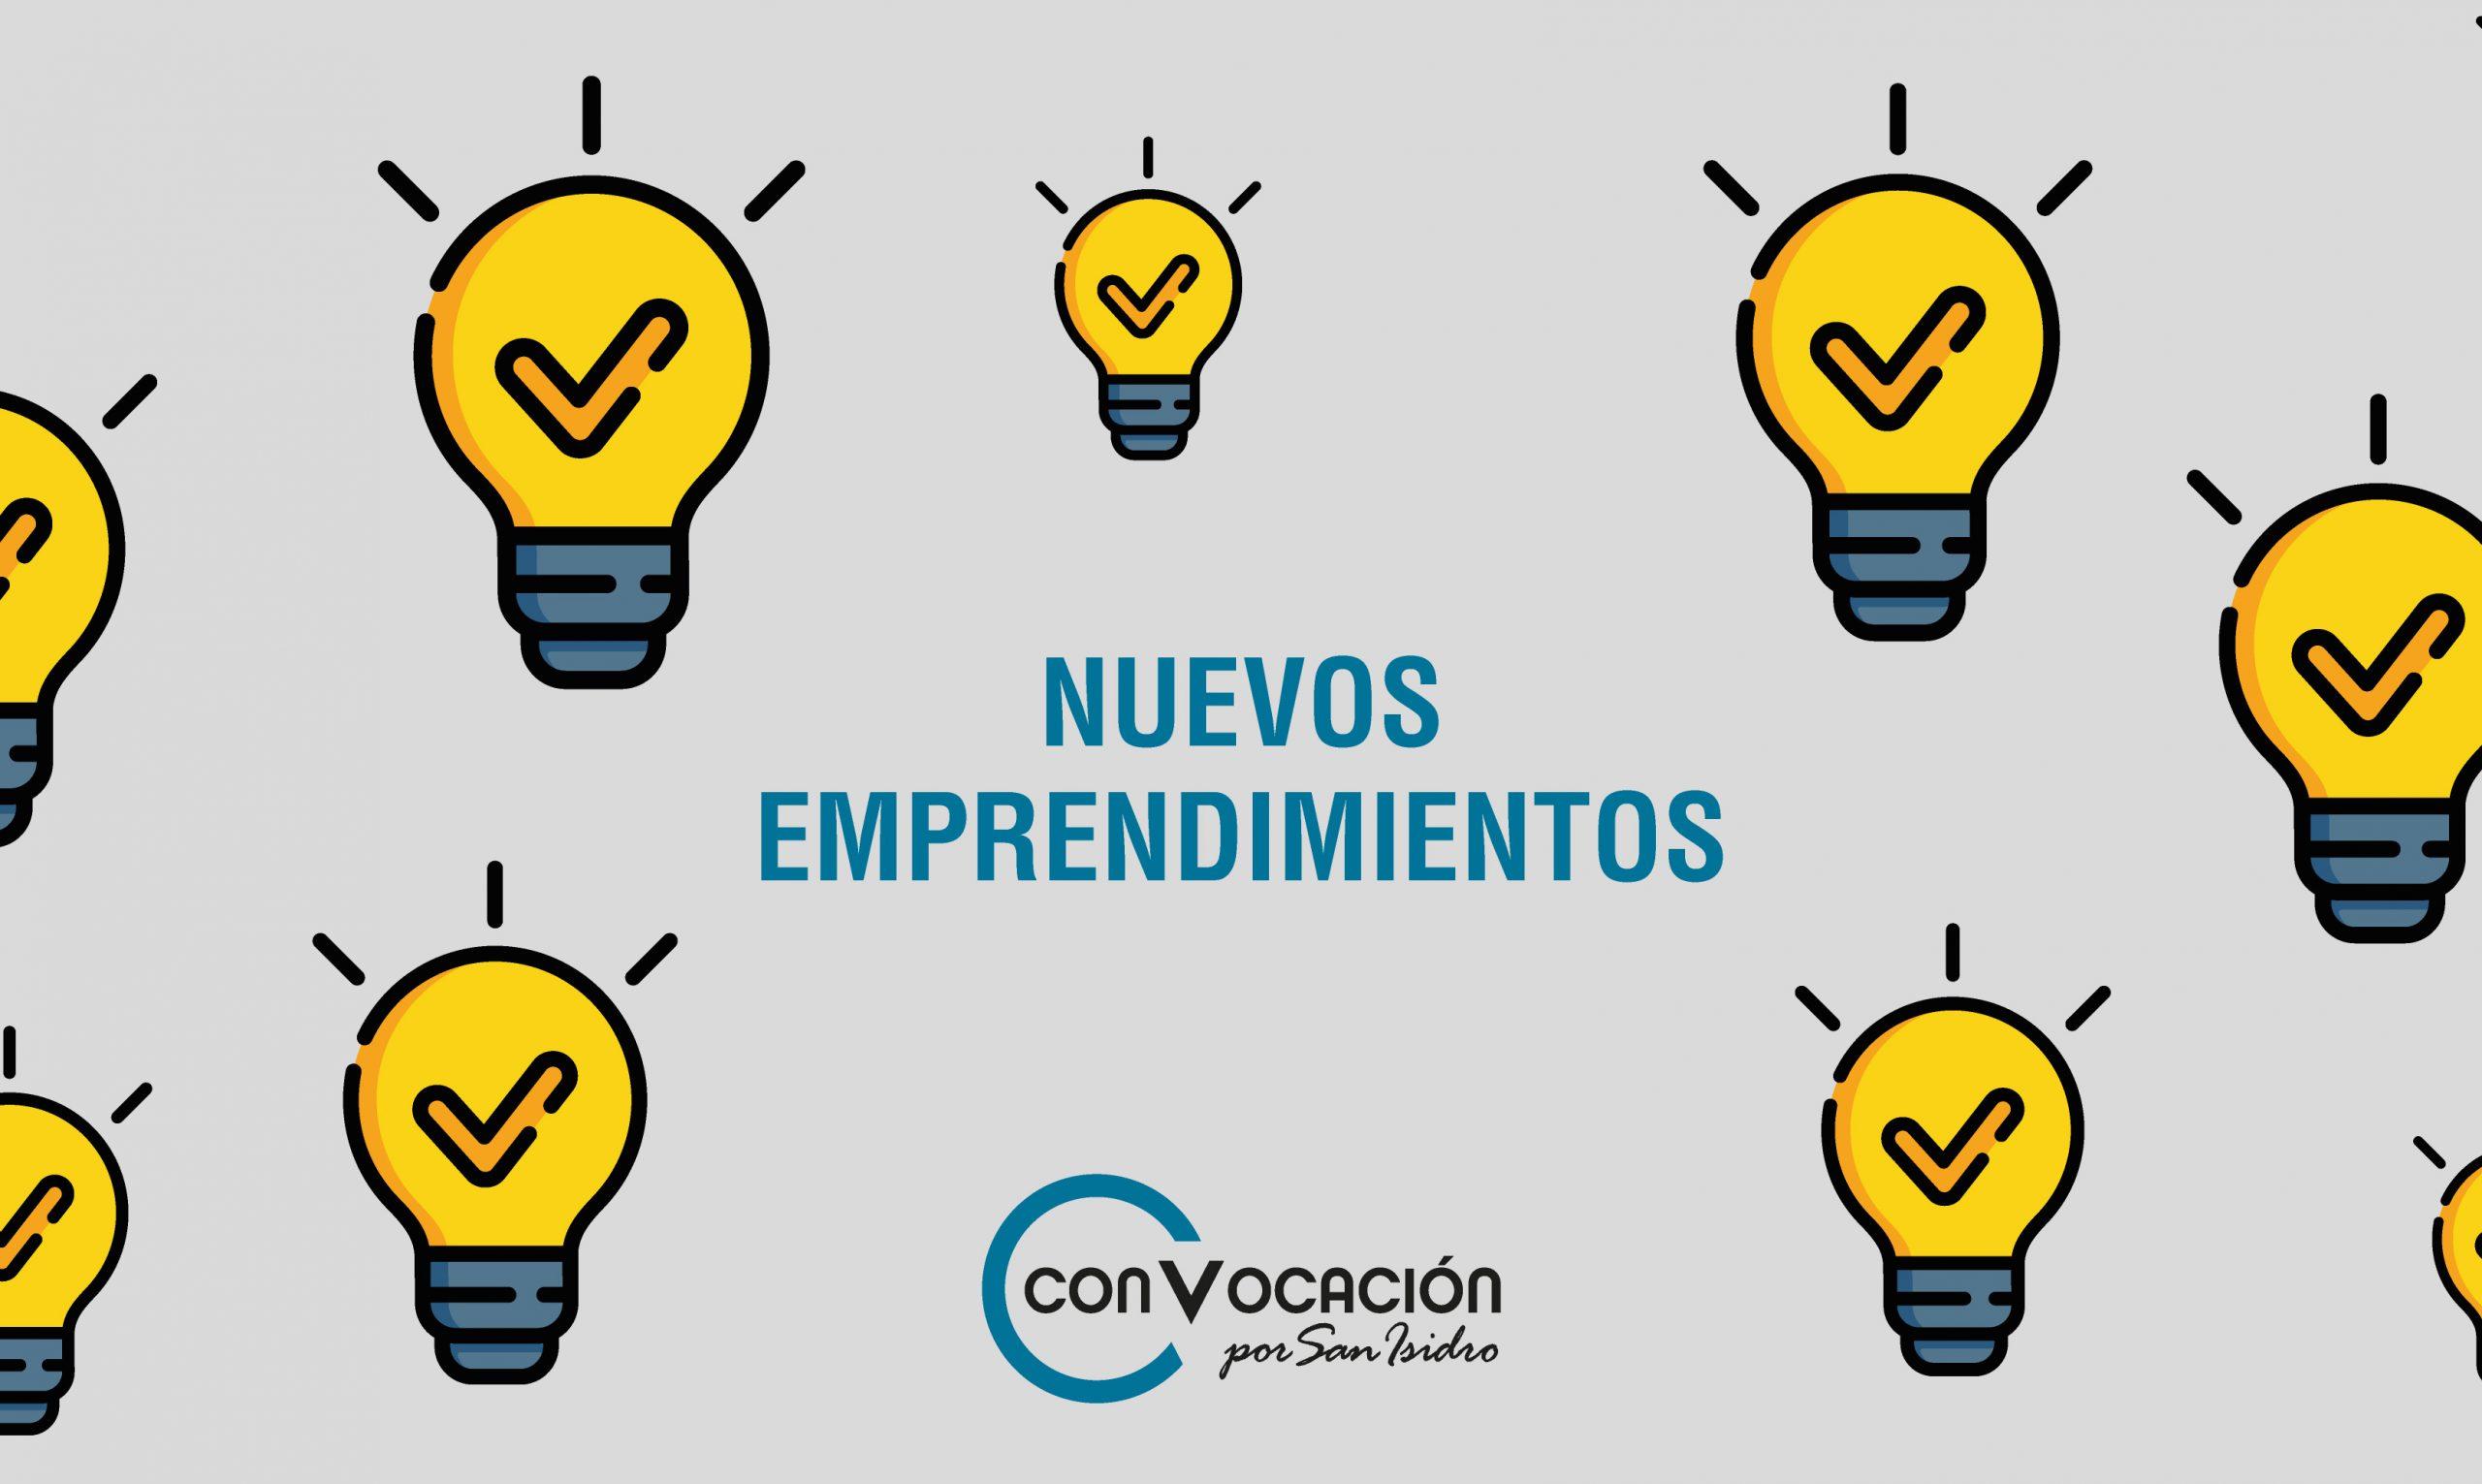 ¡Más emprendimiento = Más trabajos!